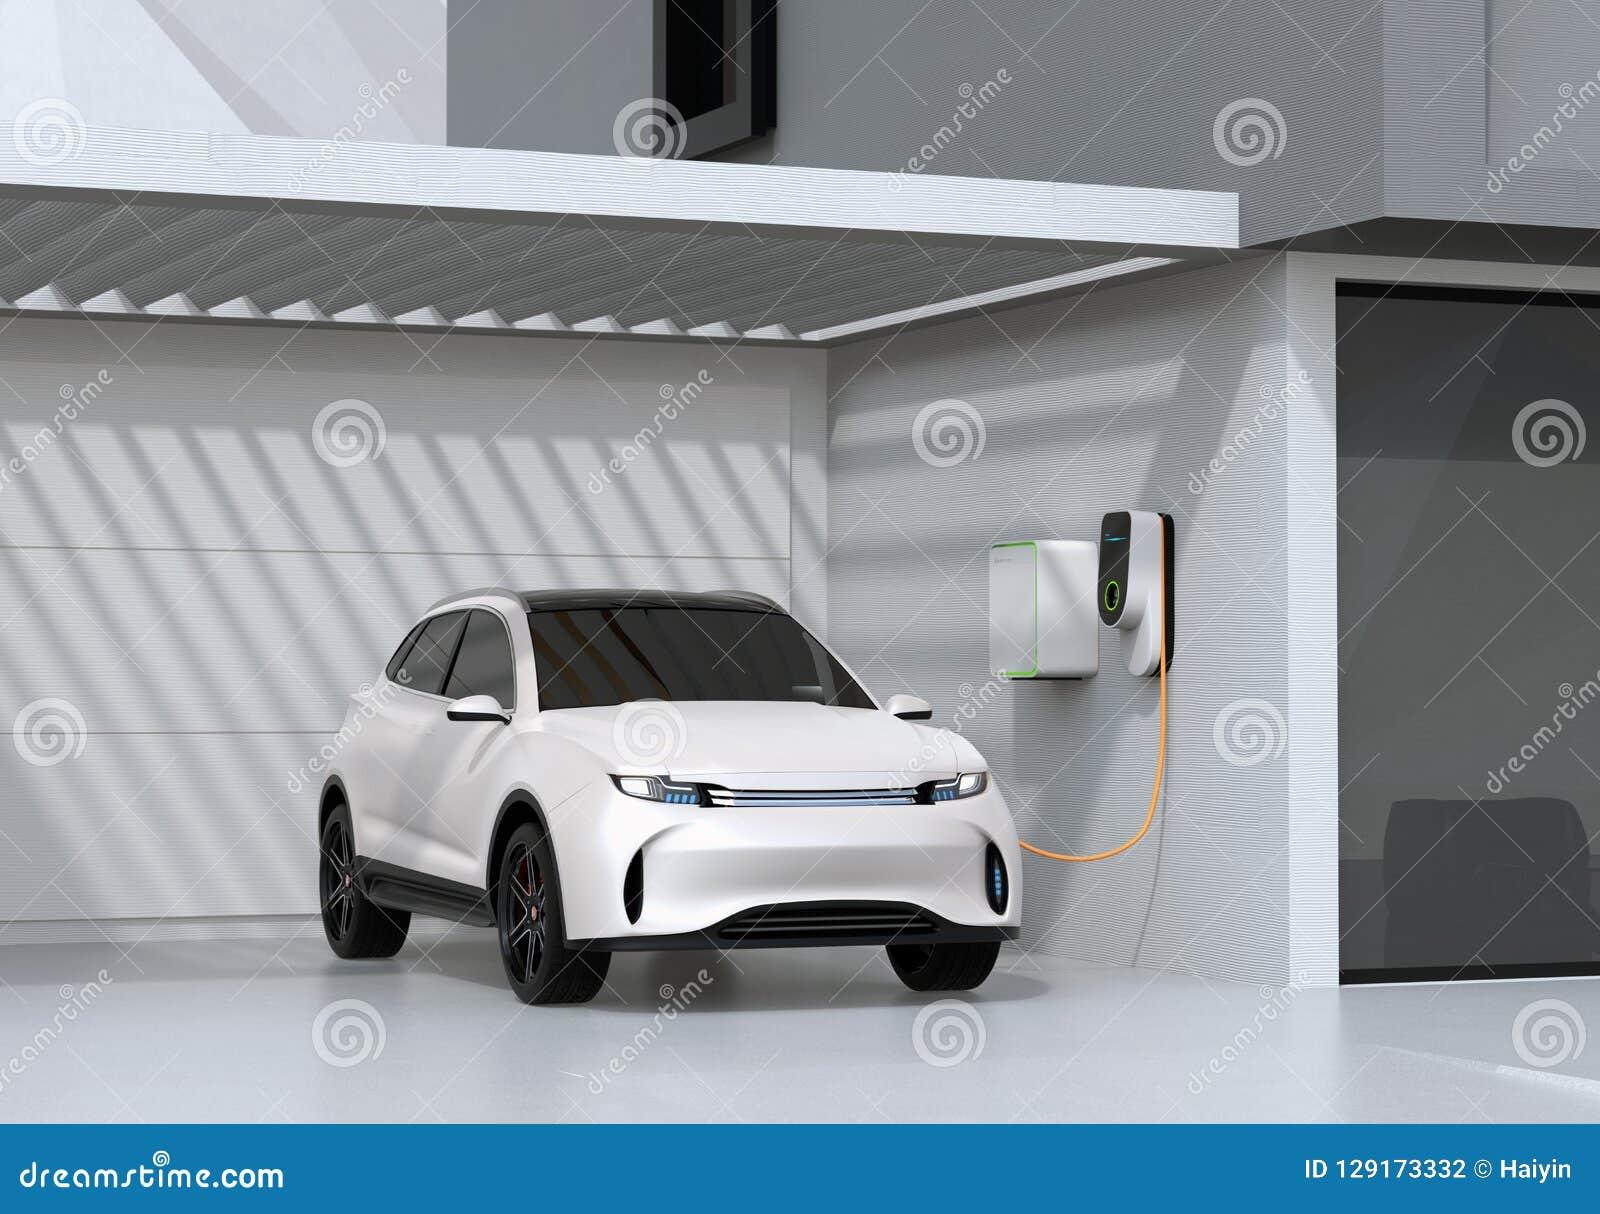 Vit elkraft driven SUV uppladdning i garage